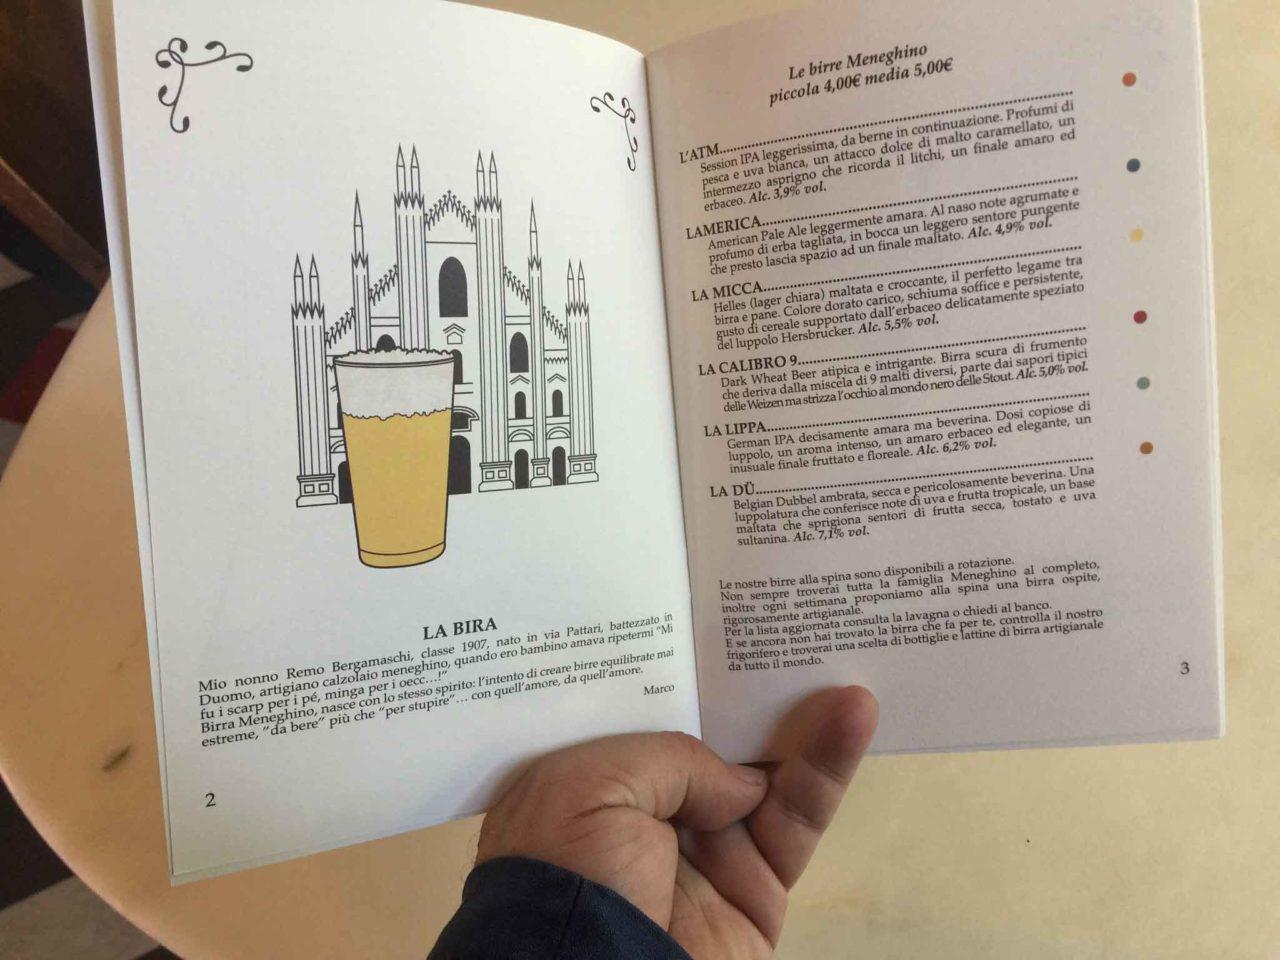 birra meneghino birreria milano menu birre